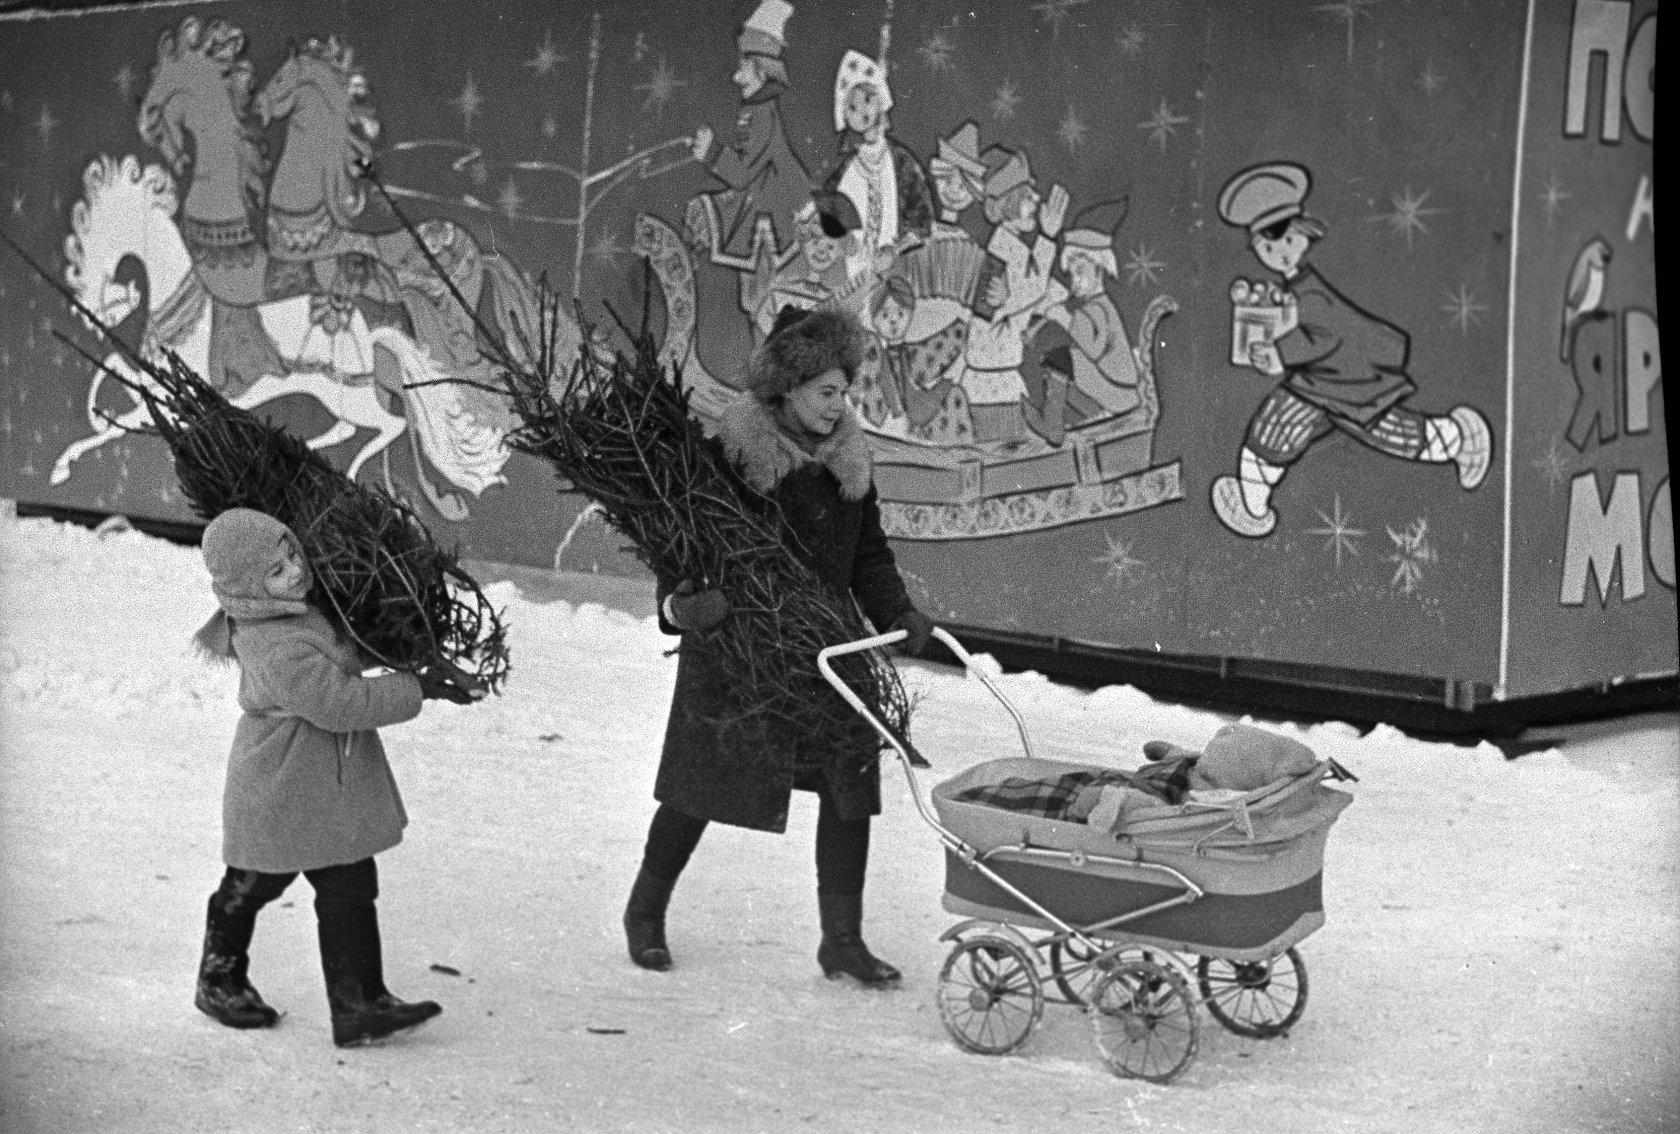 1969. Москвичи возвращаются с ёлочного базара. Автор В. Христофоров. 20 декабря